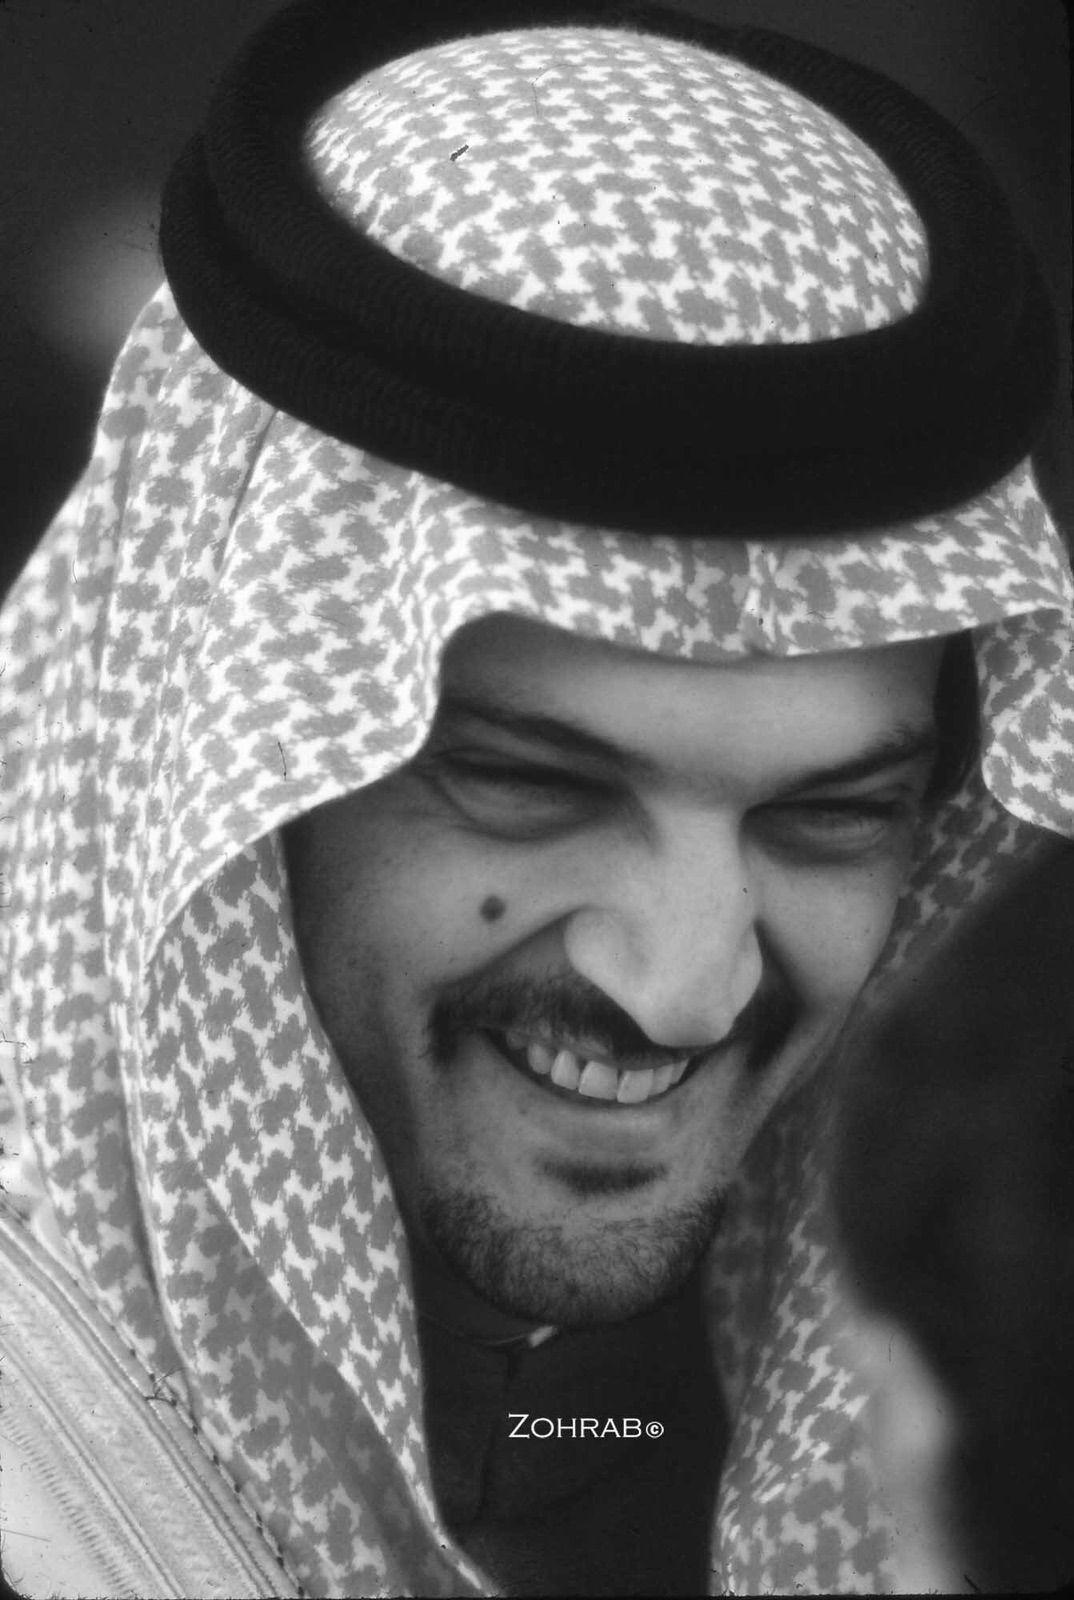 الأمير سعود الفيصل الله يرحمه Arab Men Fashion Saudi Men Arab Men